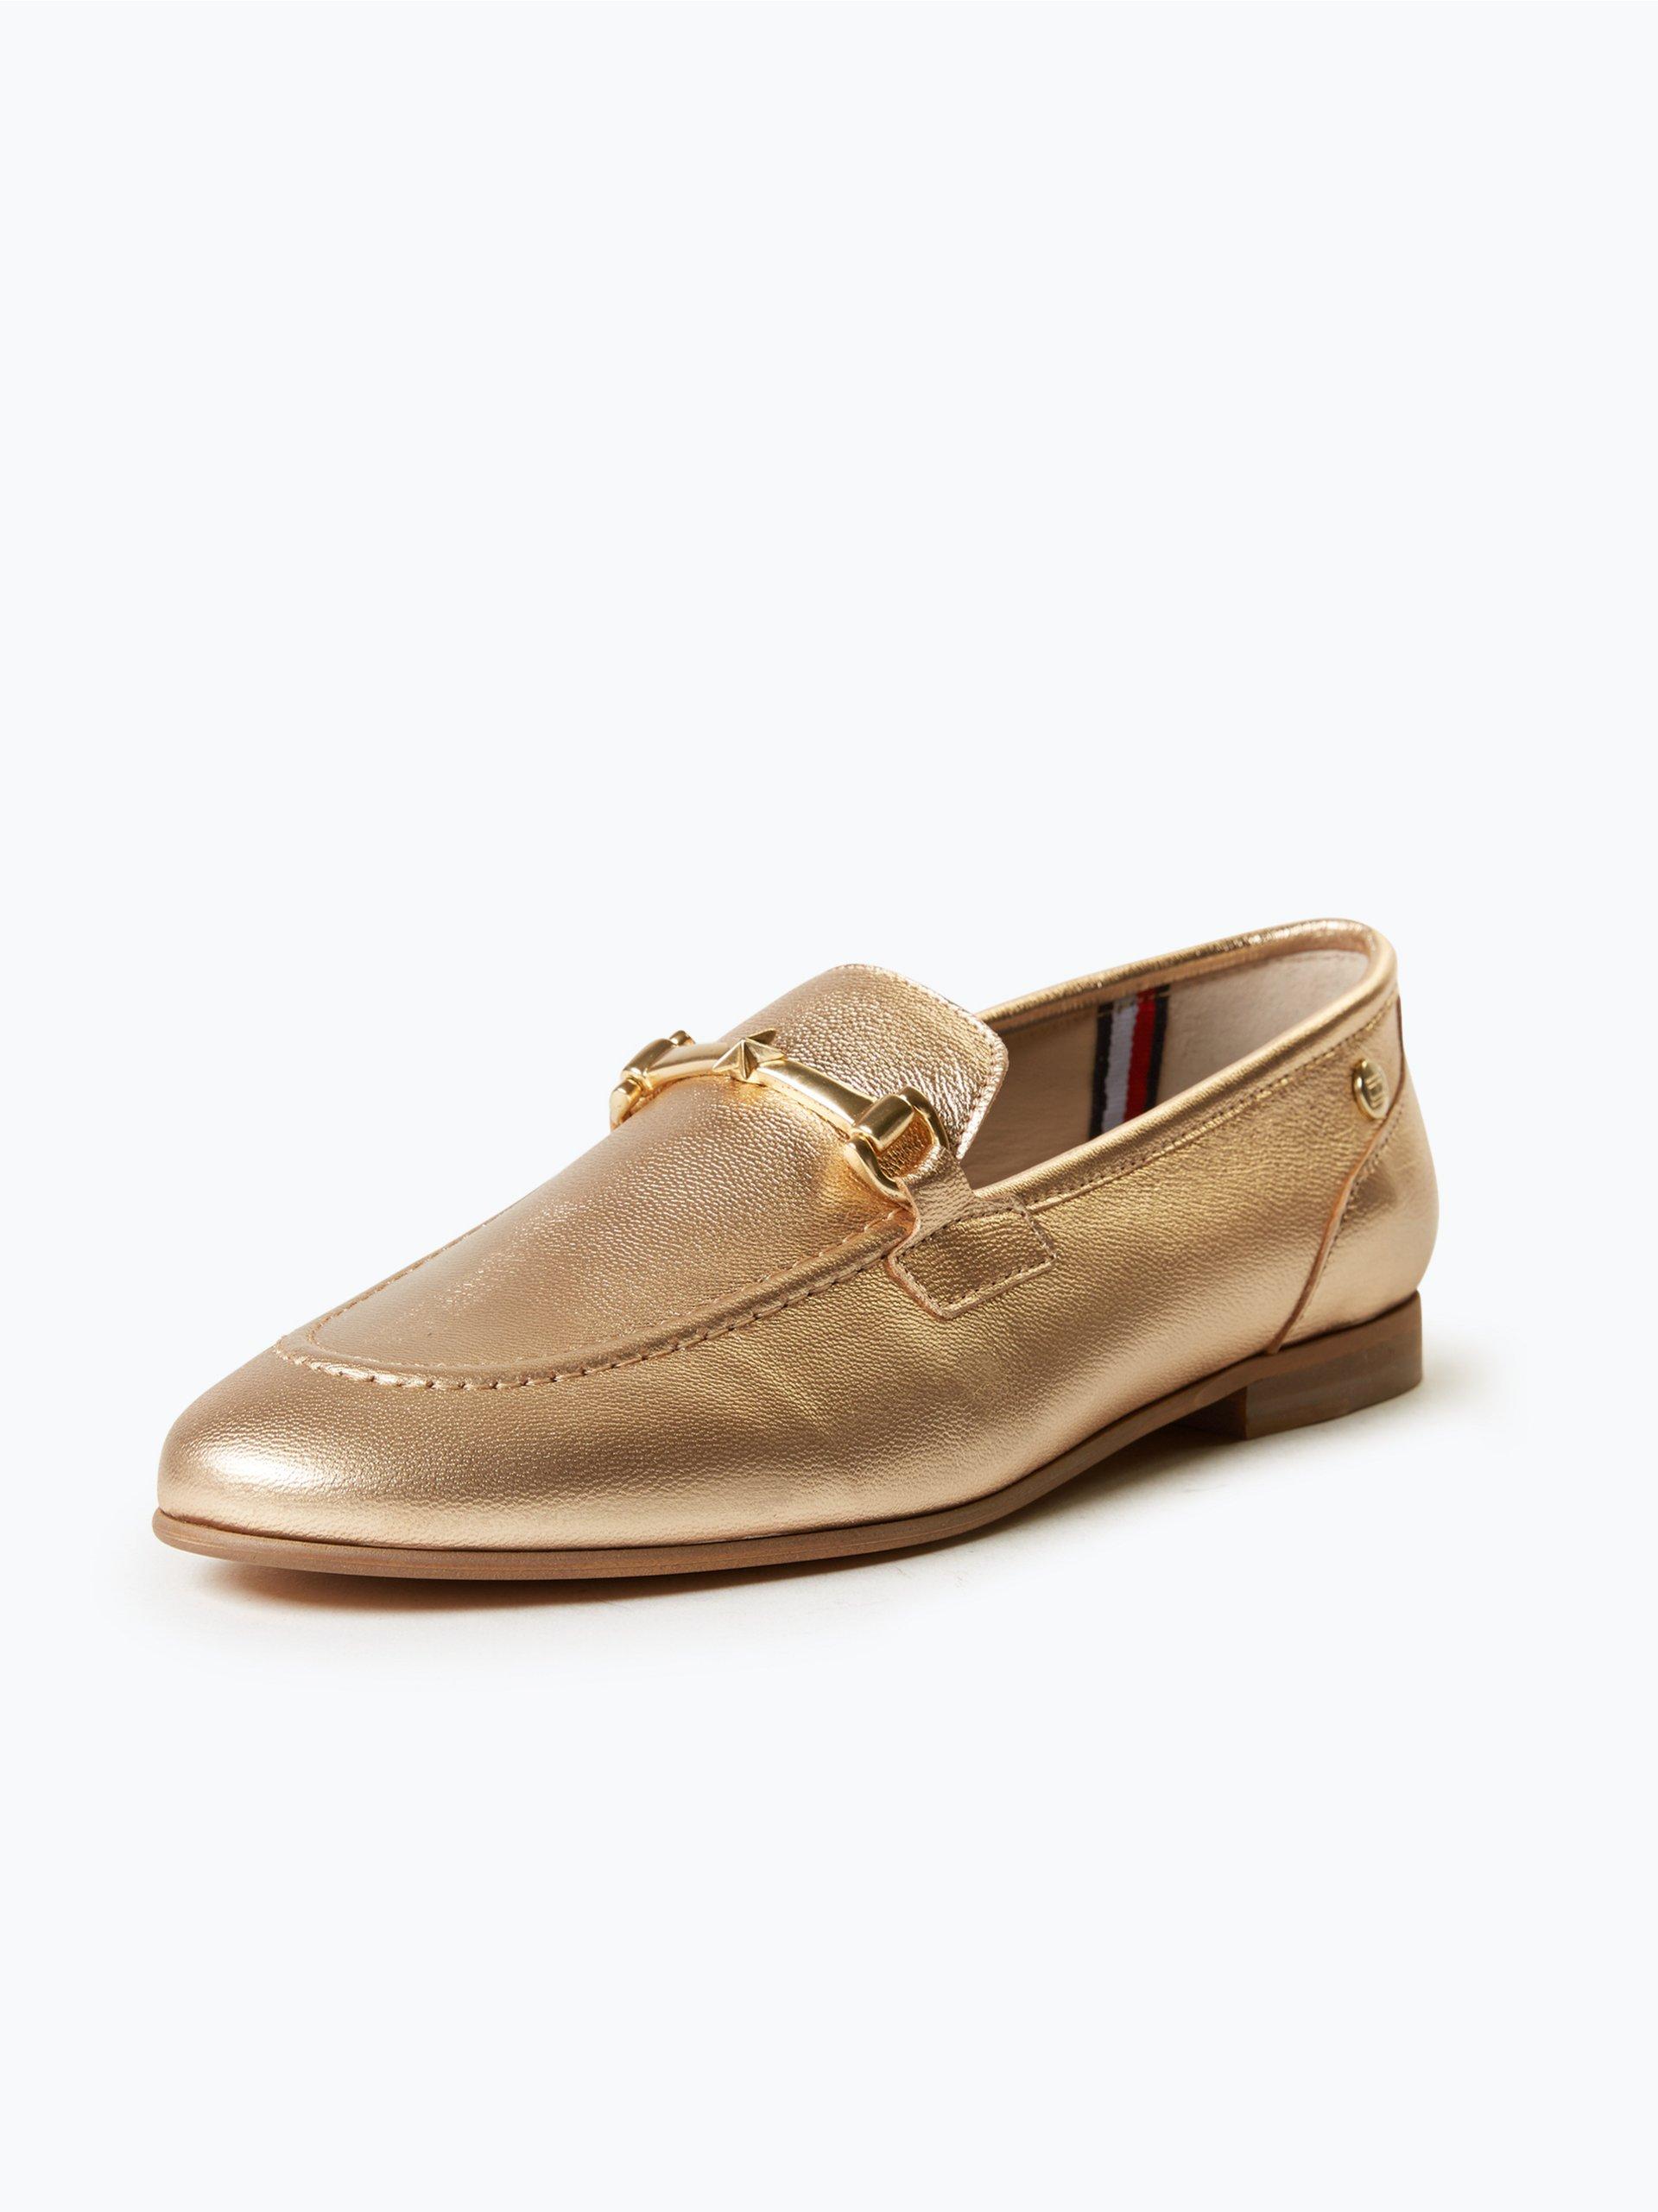 tommy hilfiger damen slipper aus leder gold uni online. Black Bedroom Furniture Sets. Home Design Ideas